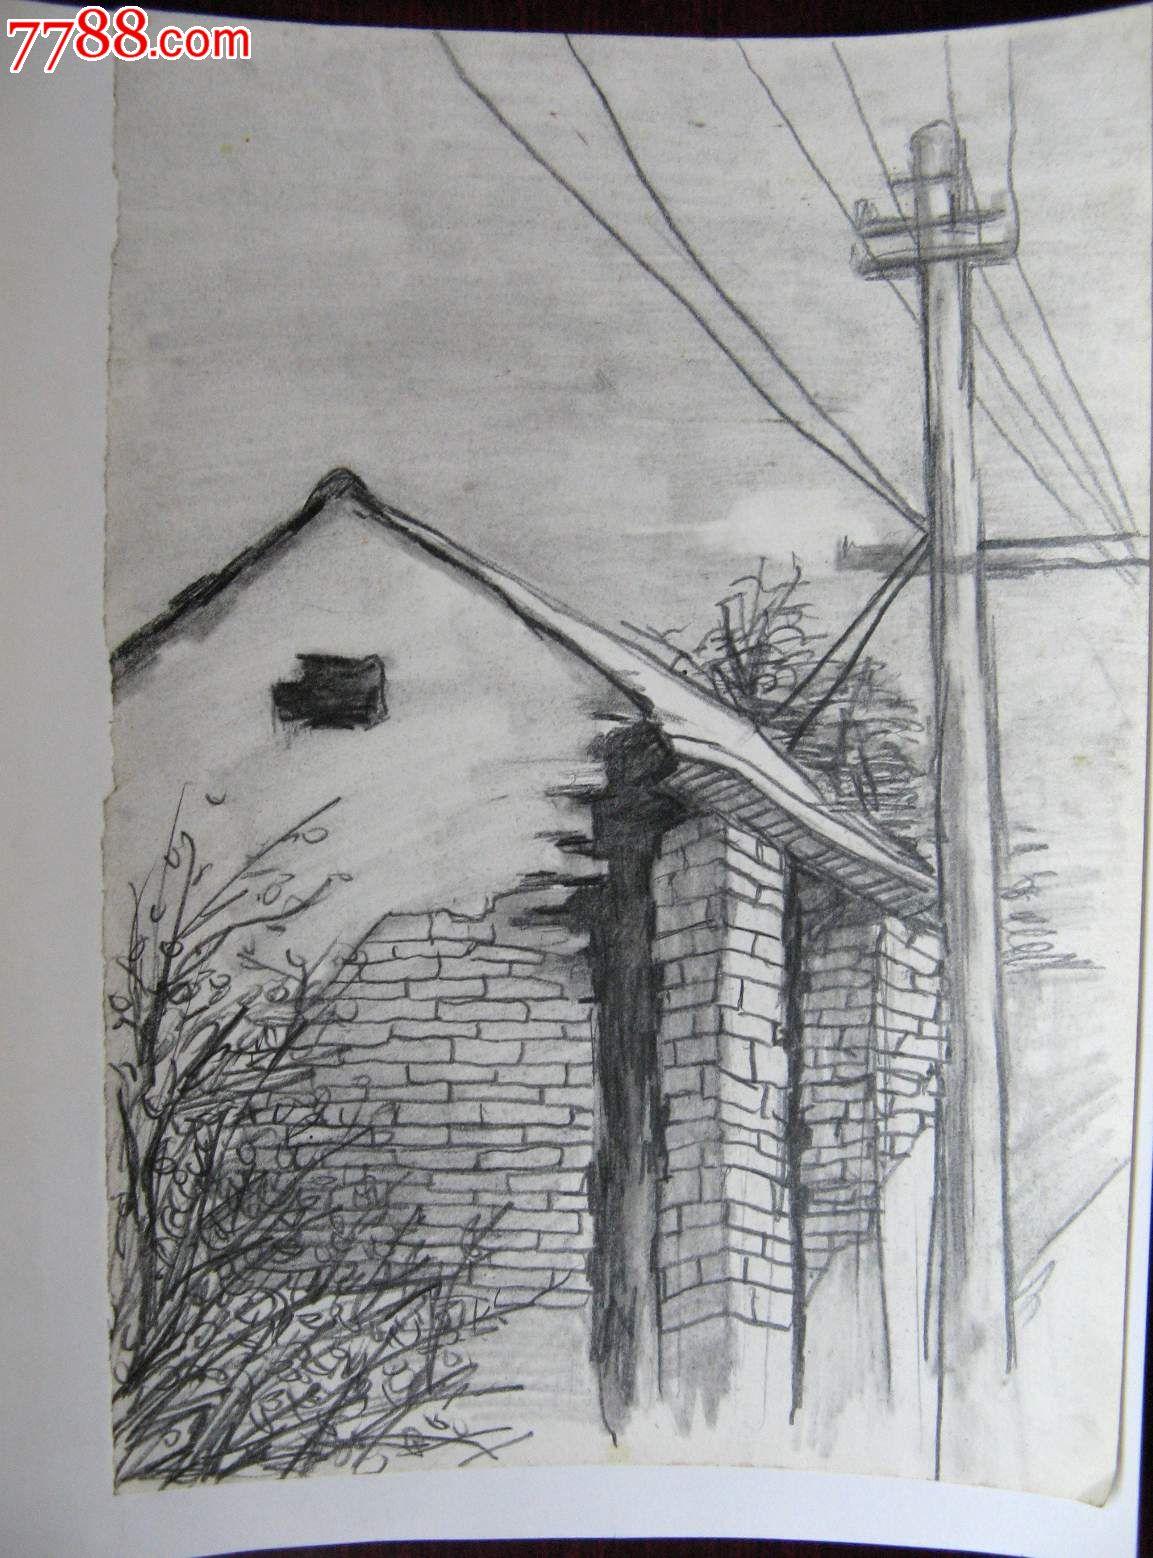 素描风景建筑画:房屋与线杆图片